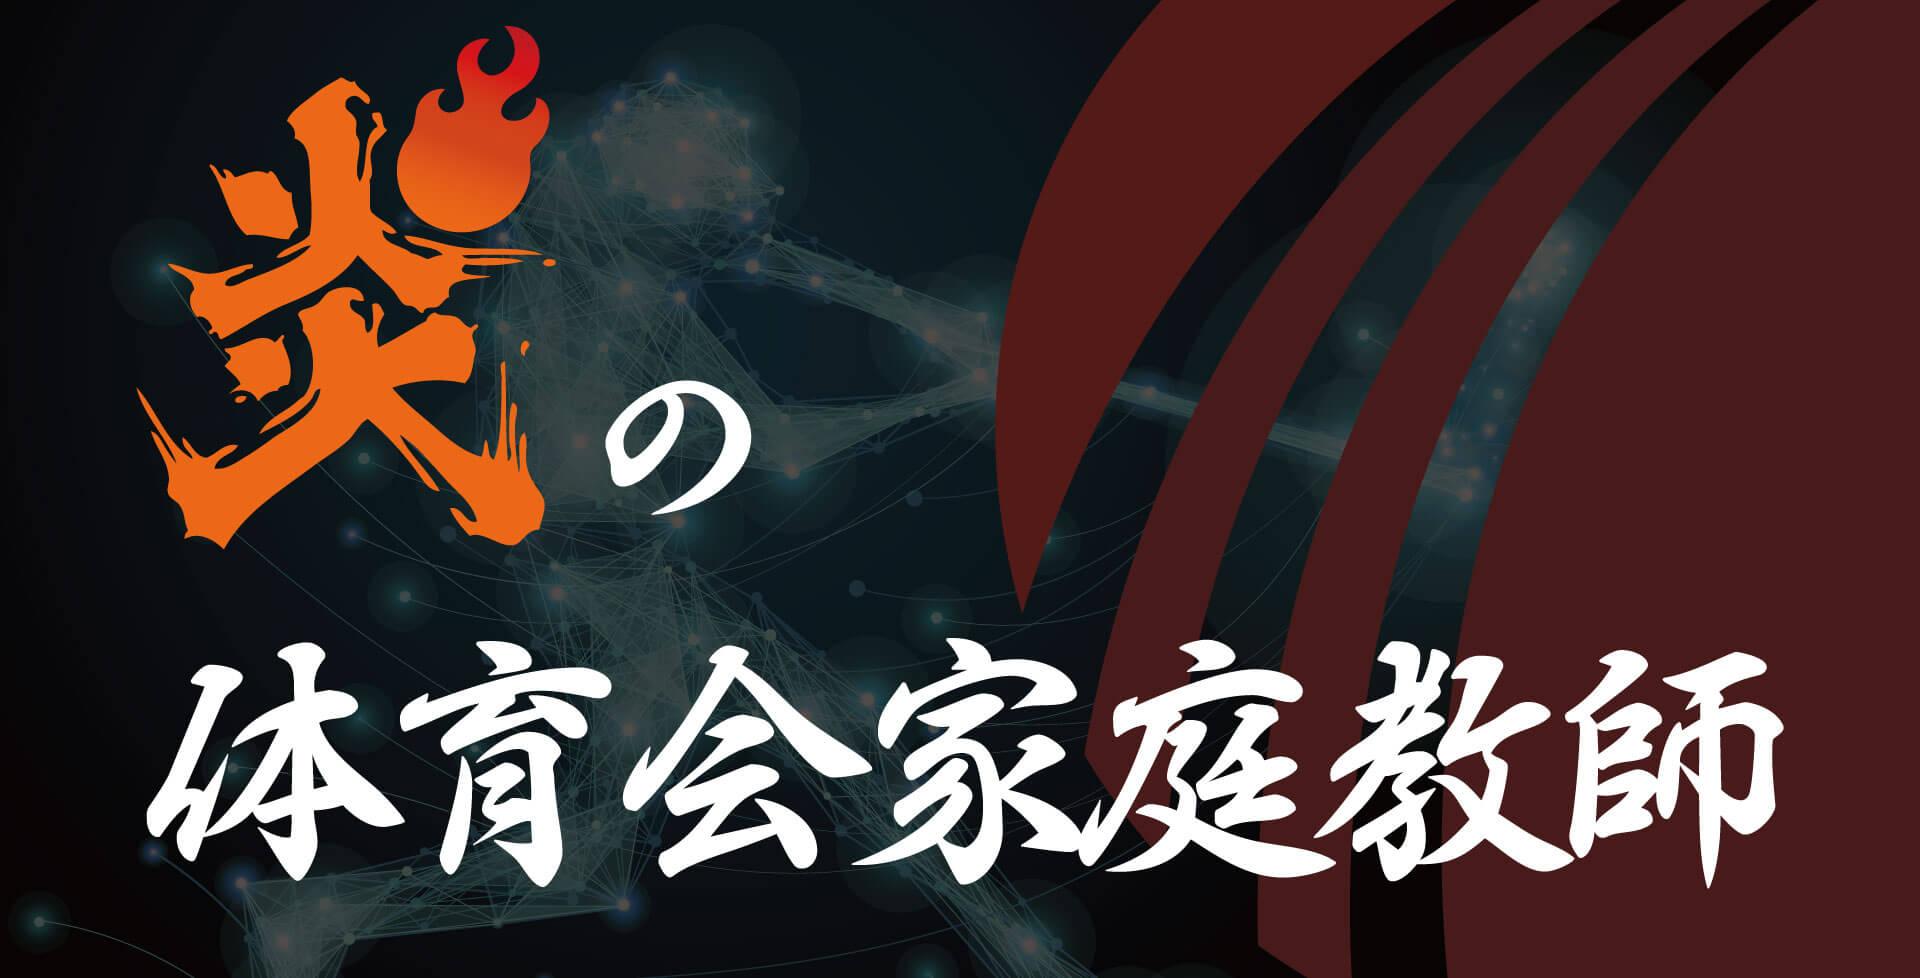 炎の体育会家庭教師【トレーニング編】のキービジュアル%